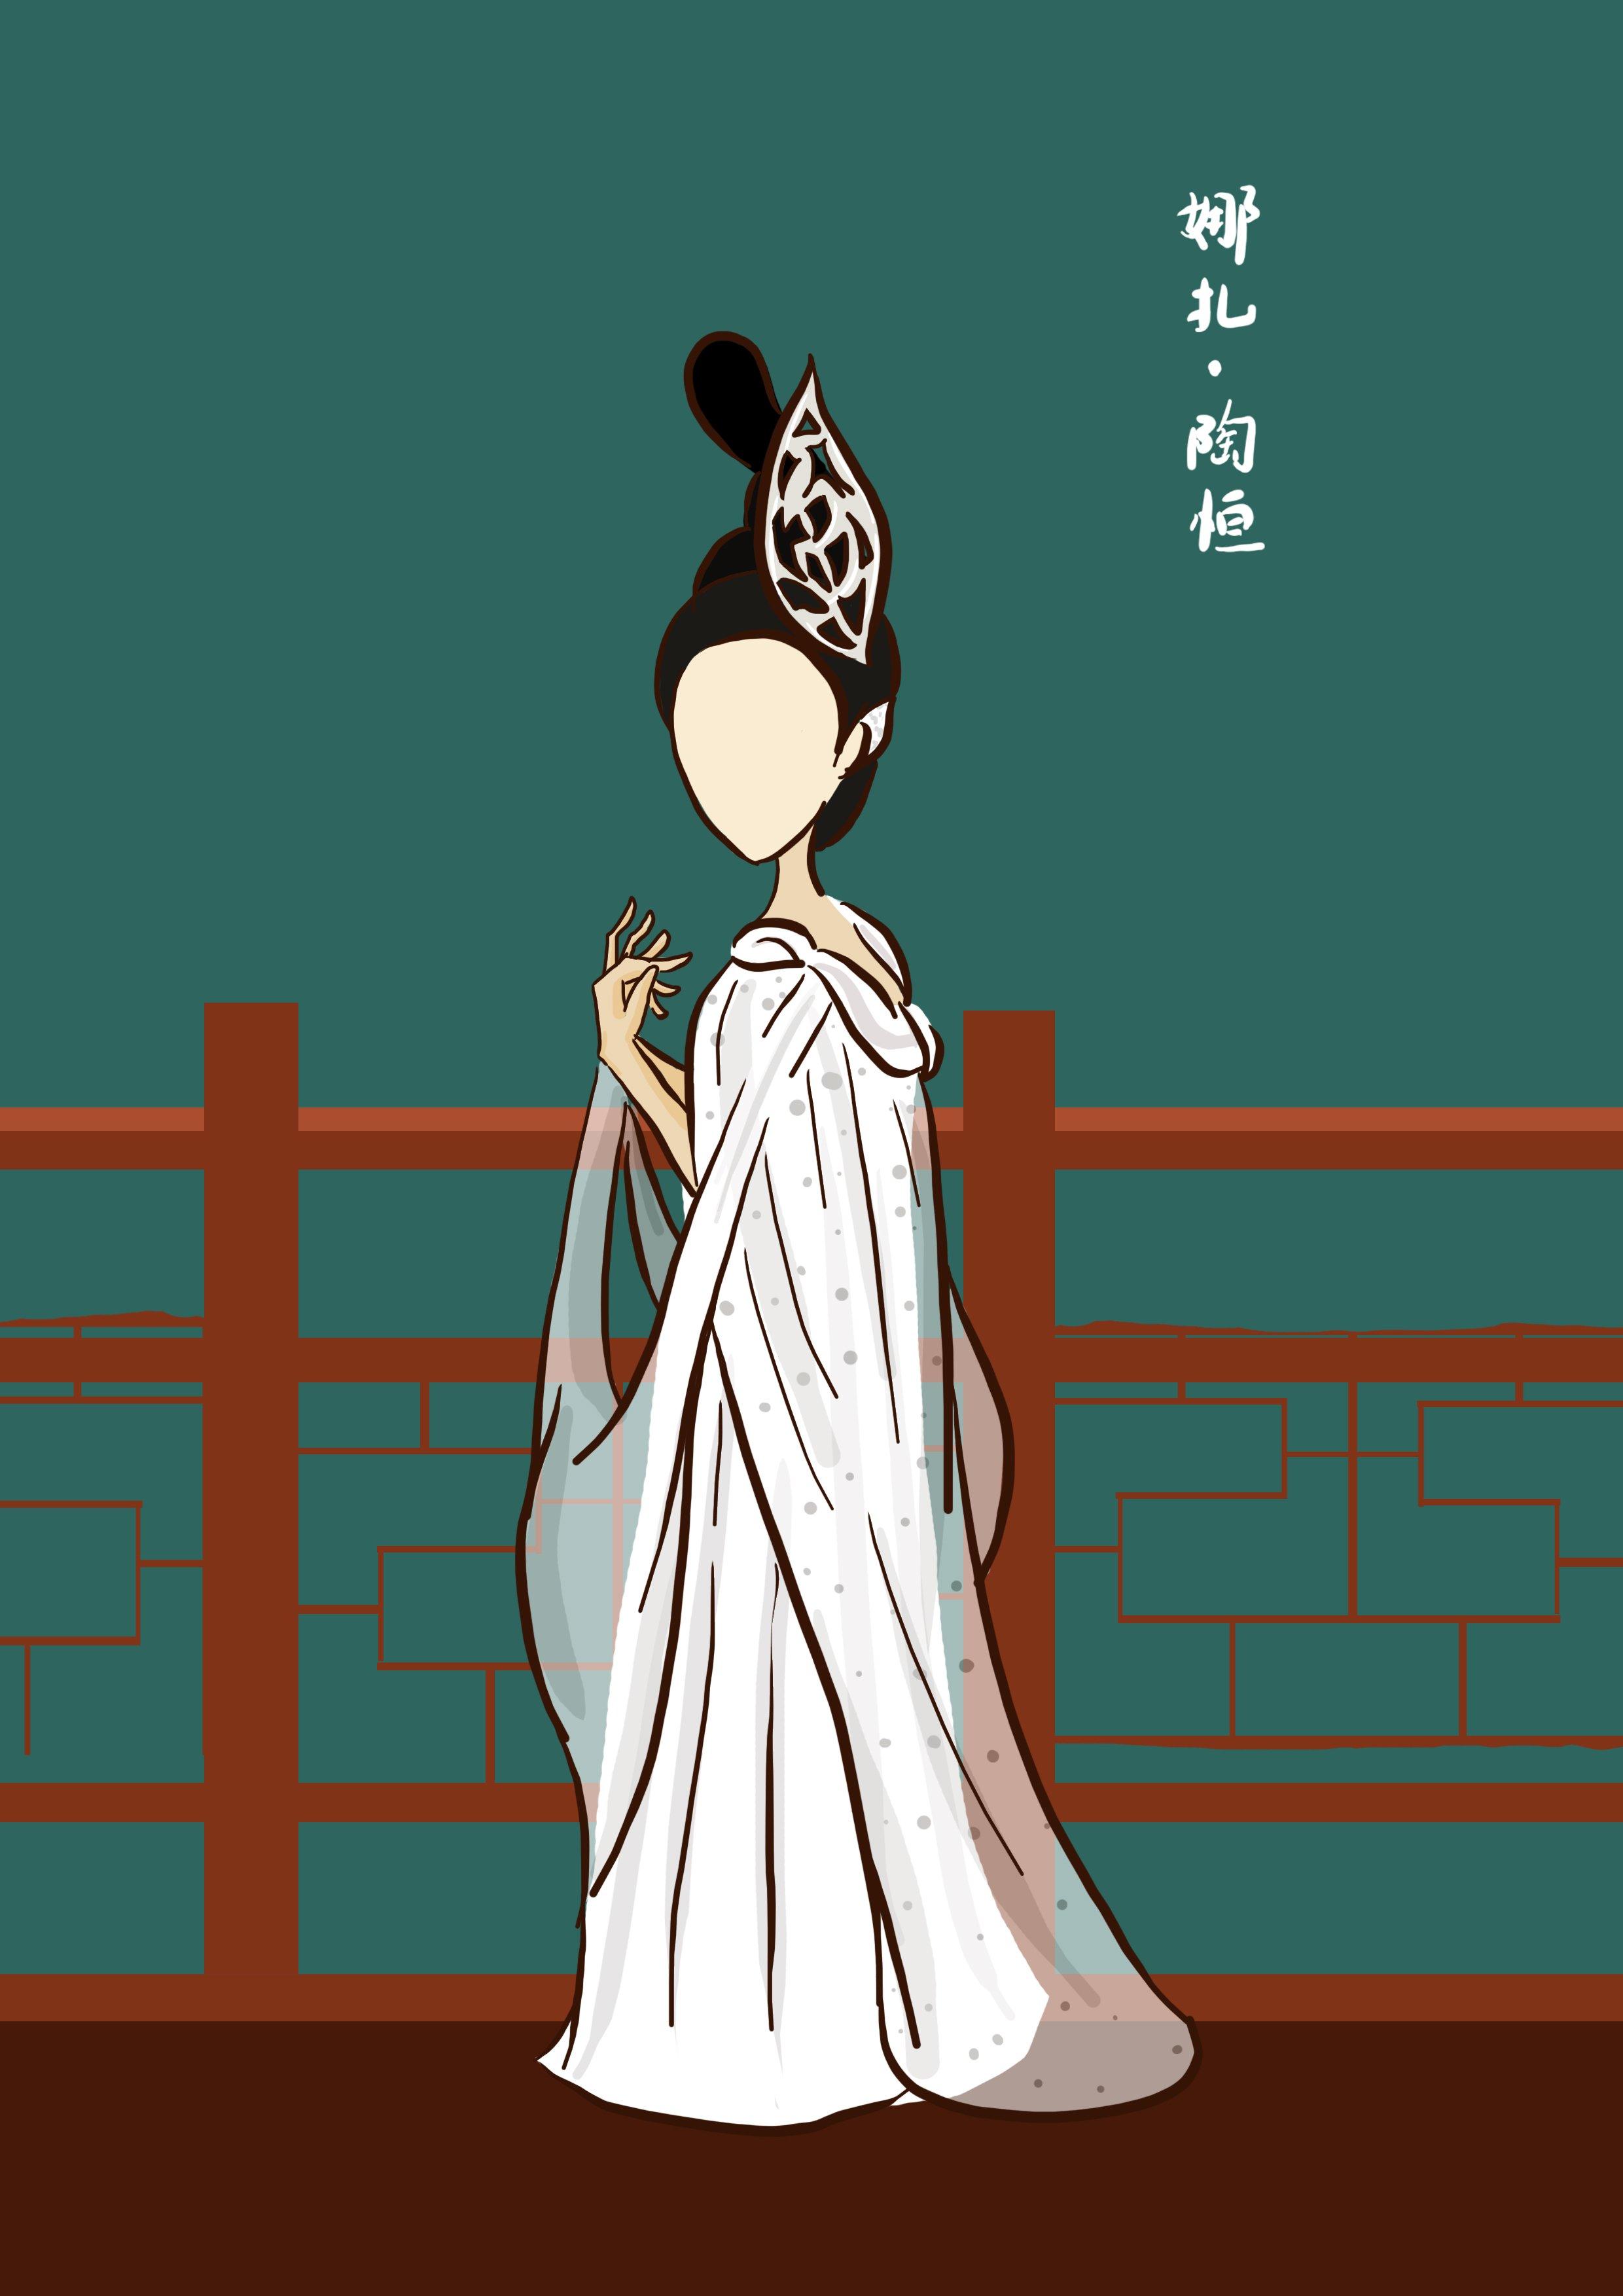 分类: 原创 标签: 原创 同人 青丘狐传说 简约,原创,古风,无脸小人  q